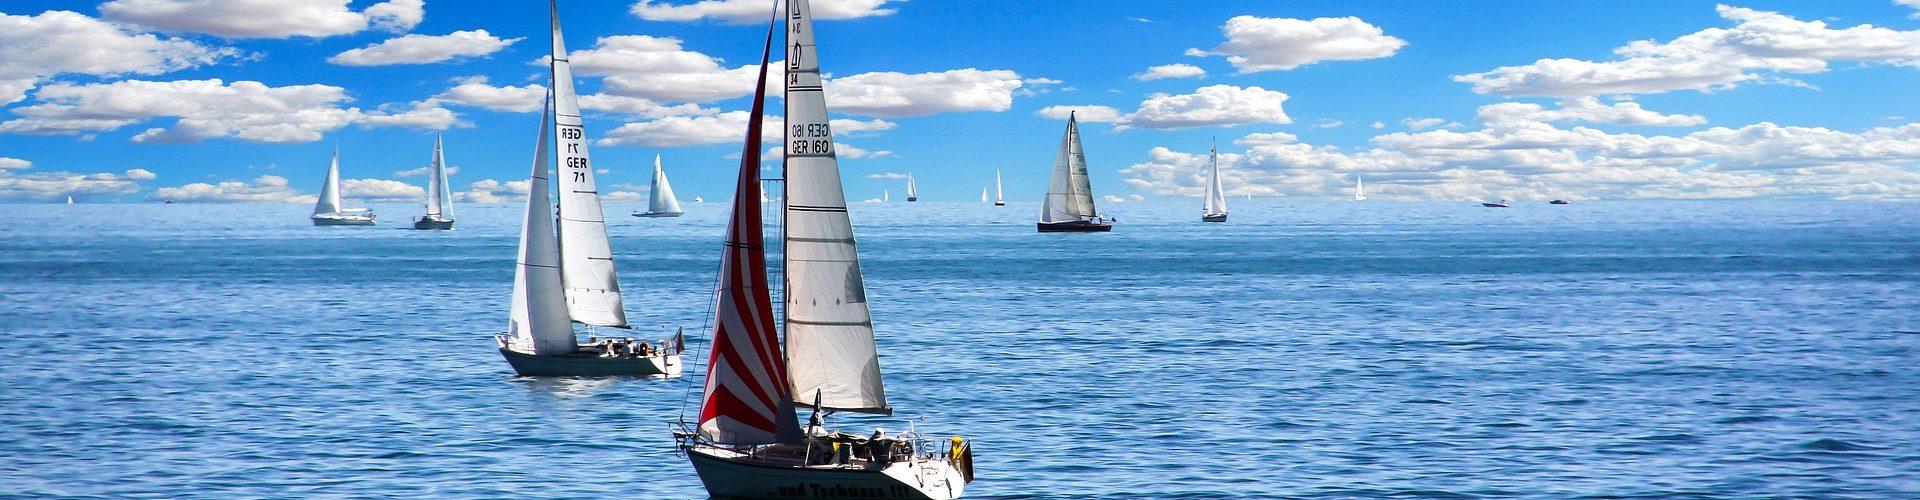 segeln lernen in Diez segelschein machen in Diez 1920x500 - Segeln lernen in Diez